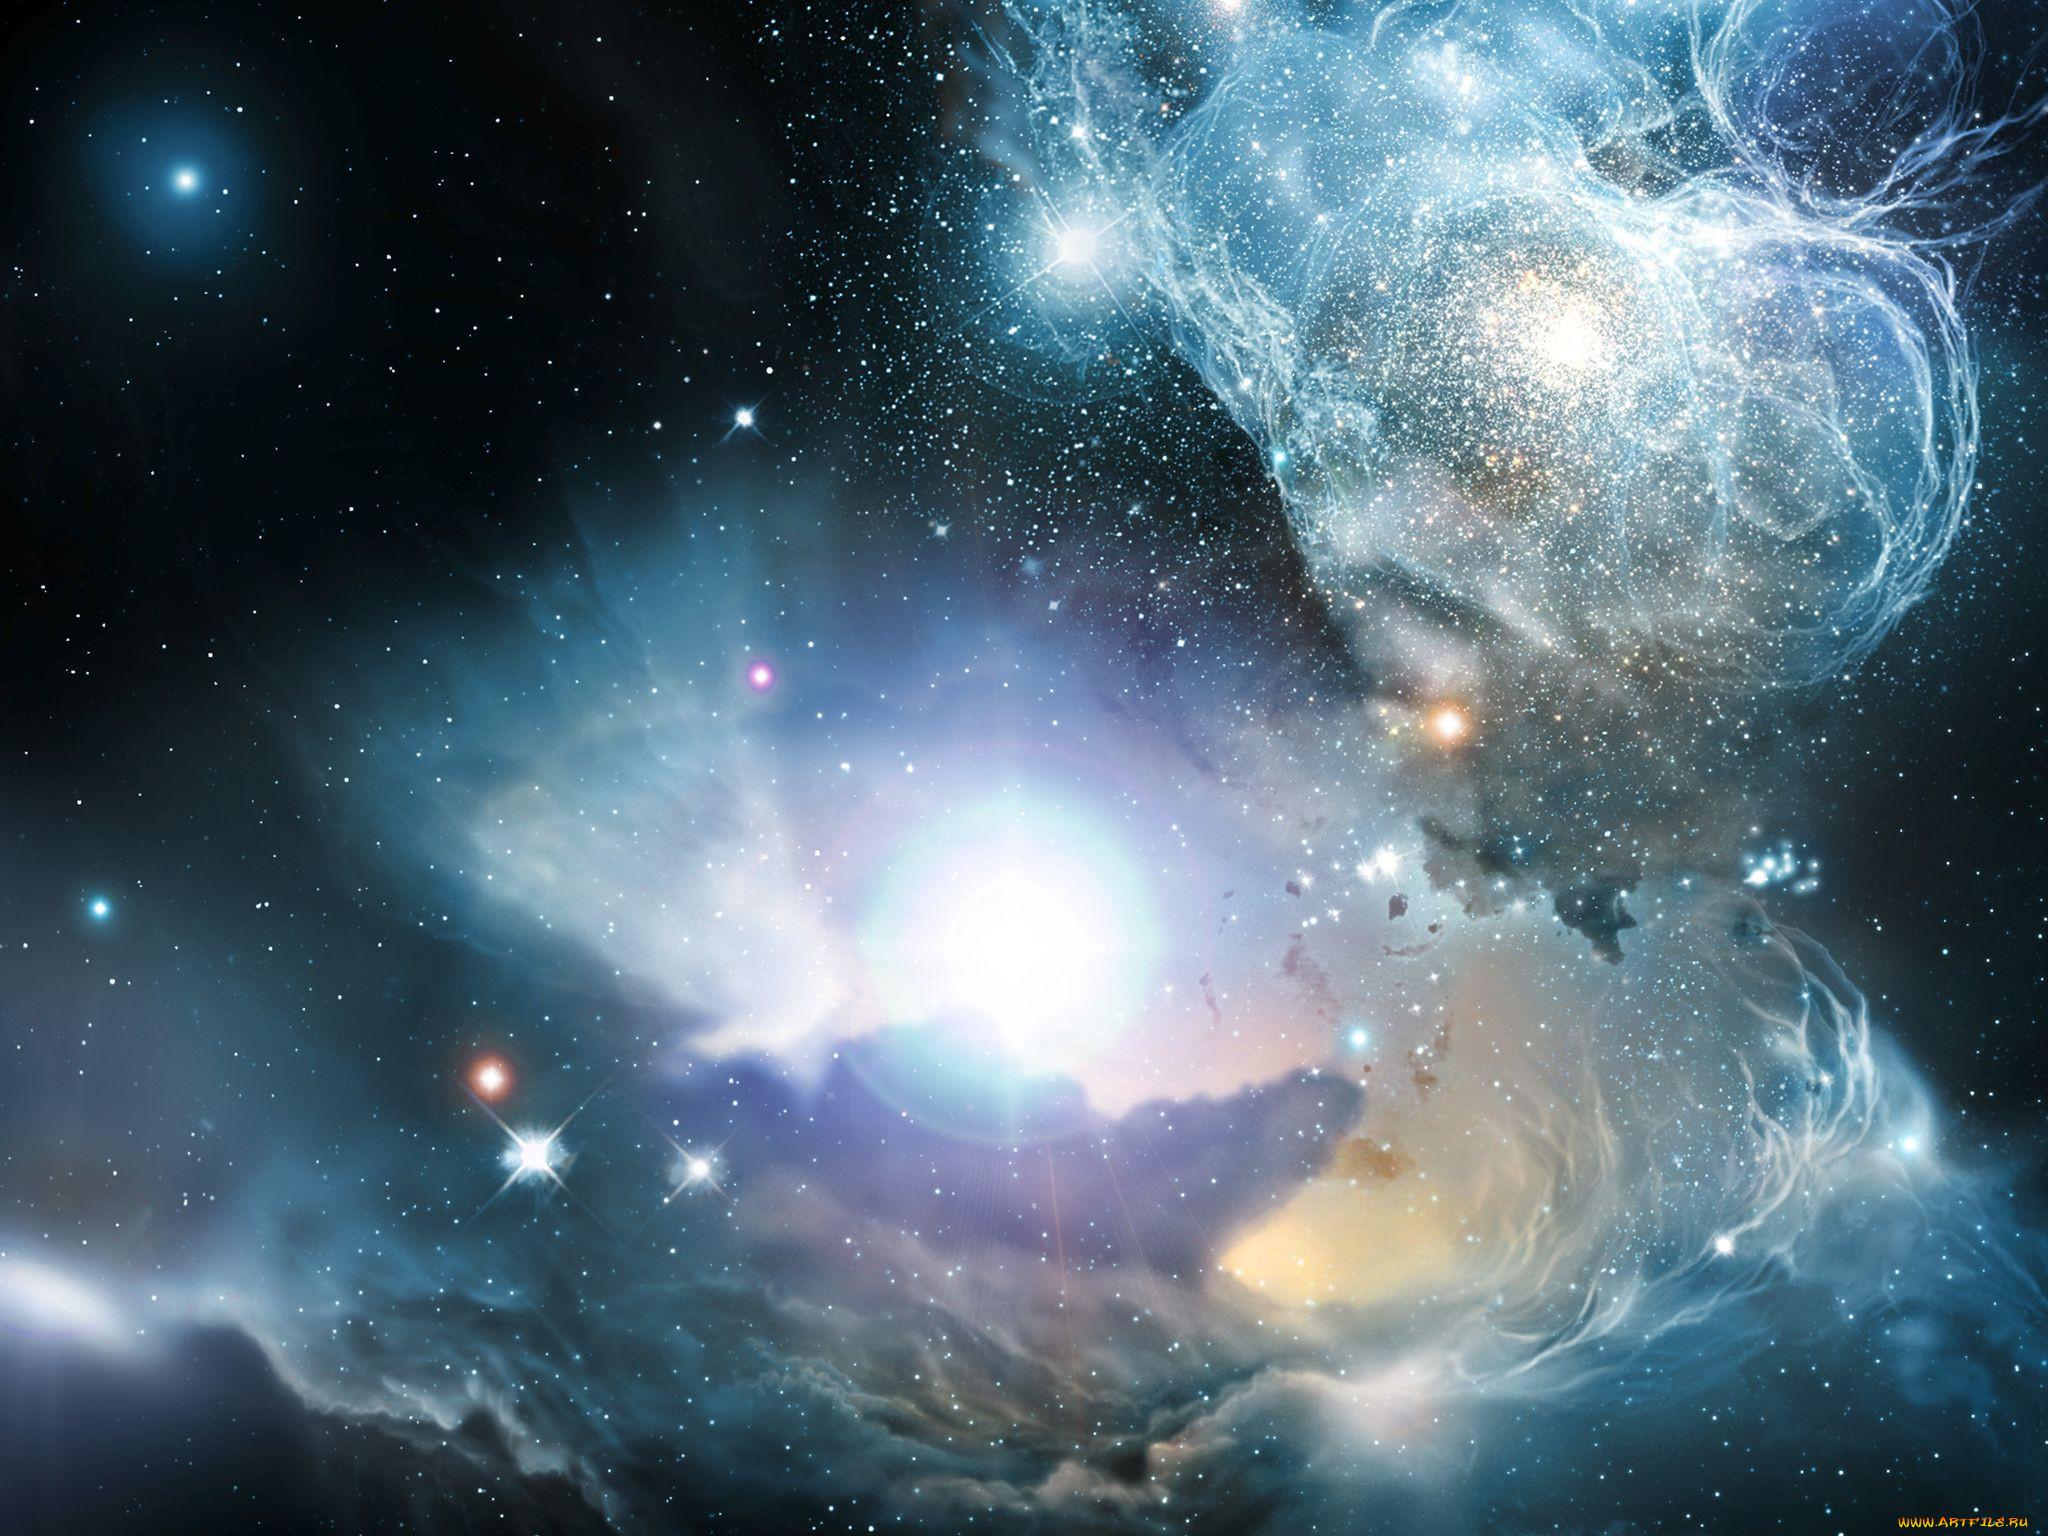 Космическая галактика картинки